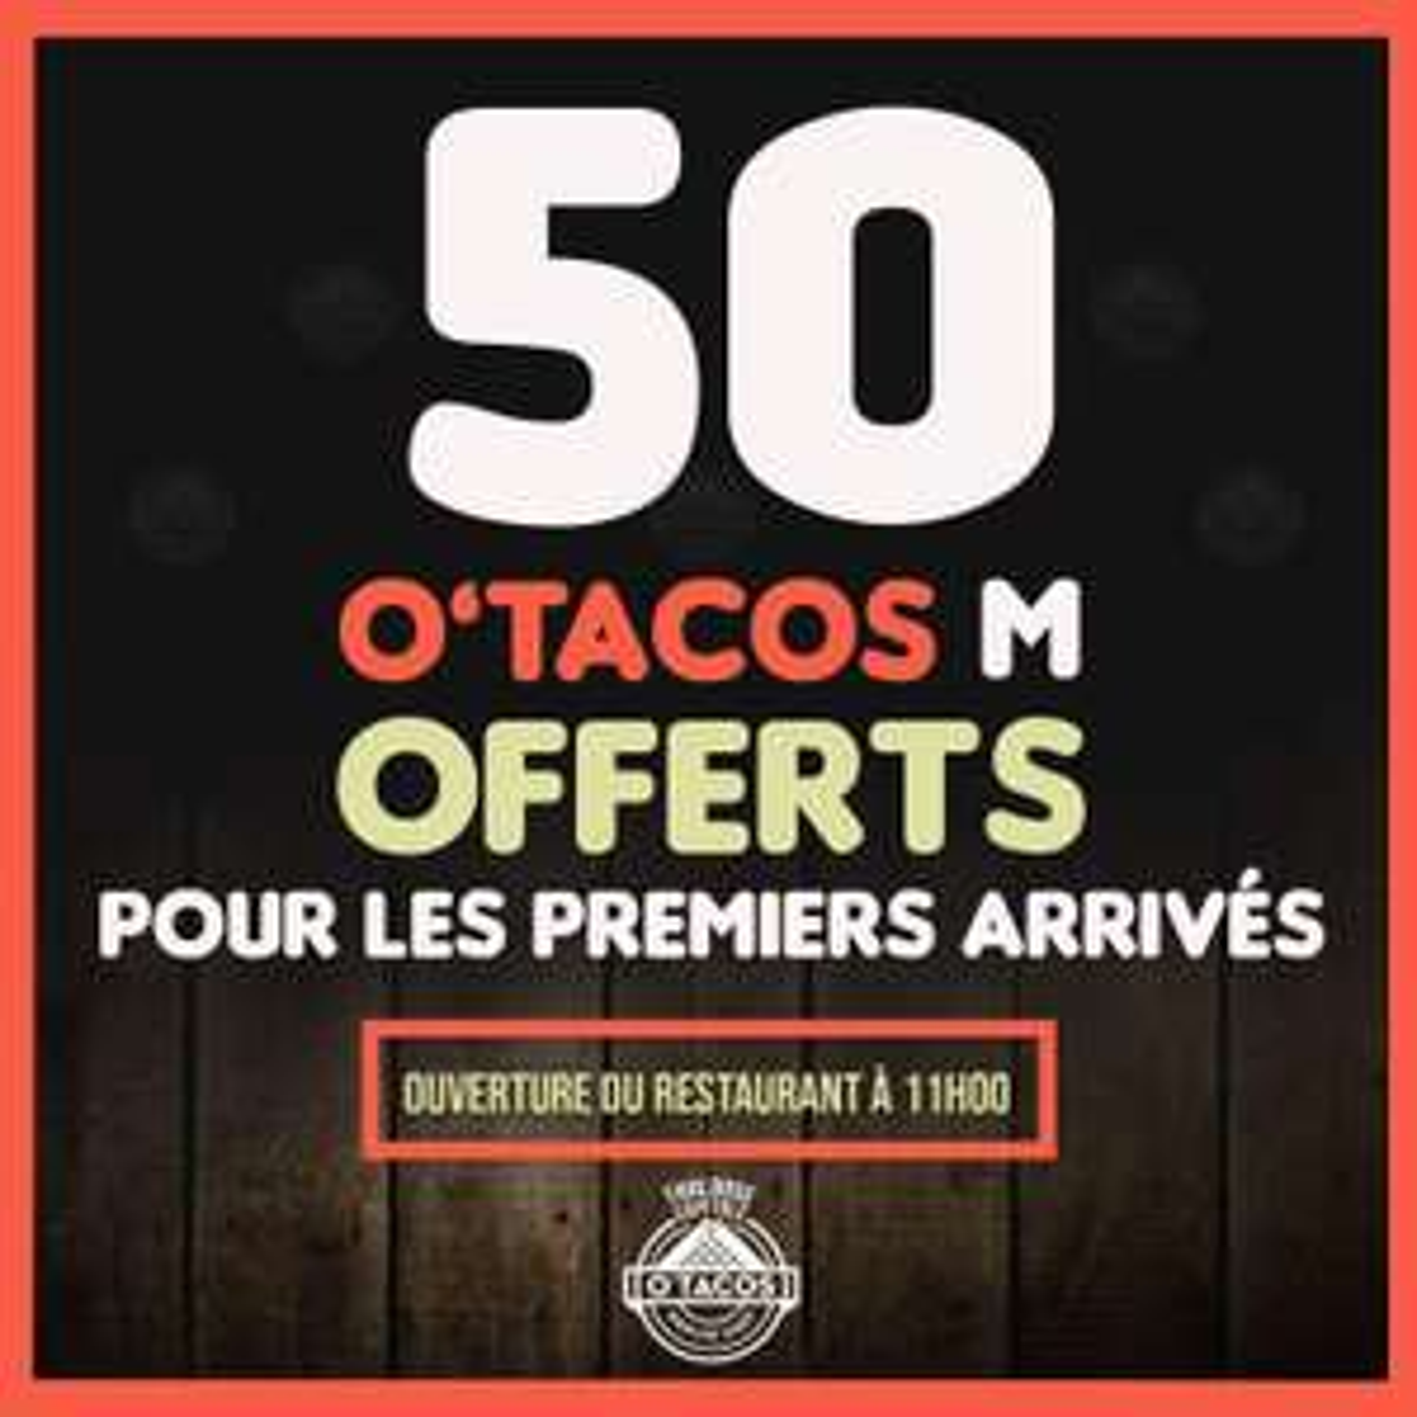 50 O'tacos M Offerts aux premiers arrivants - O'tacos Toulouse Capitole (31)